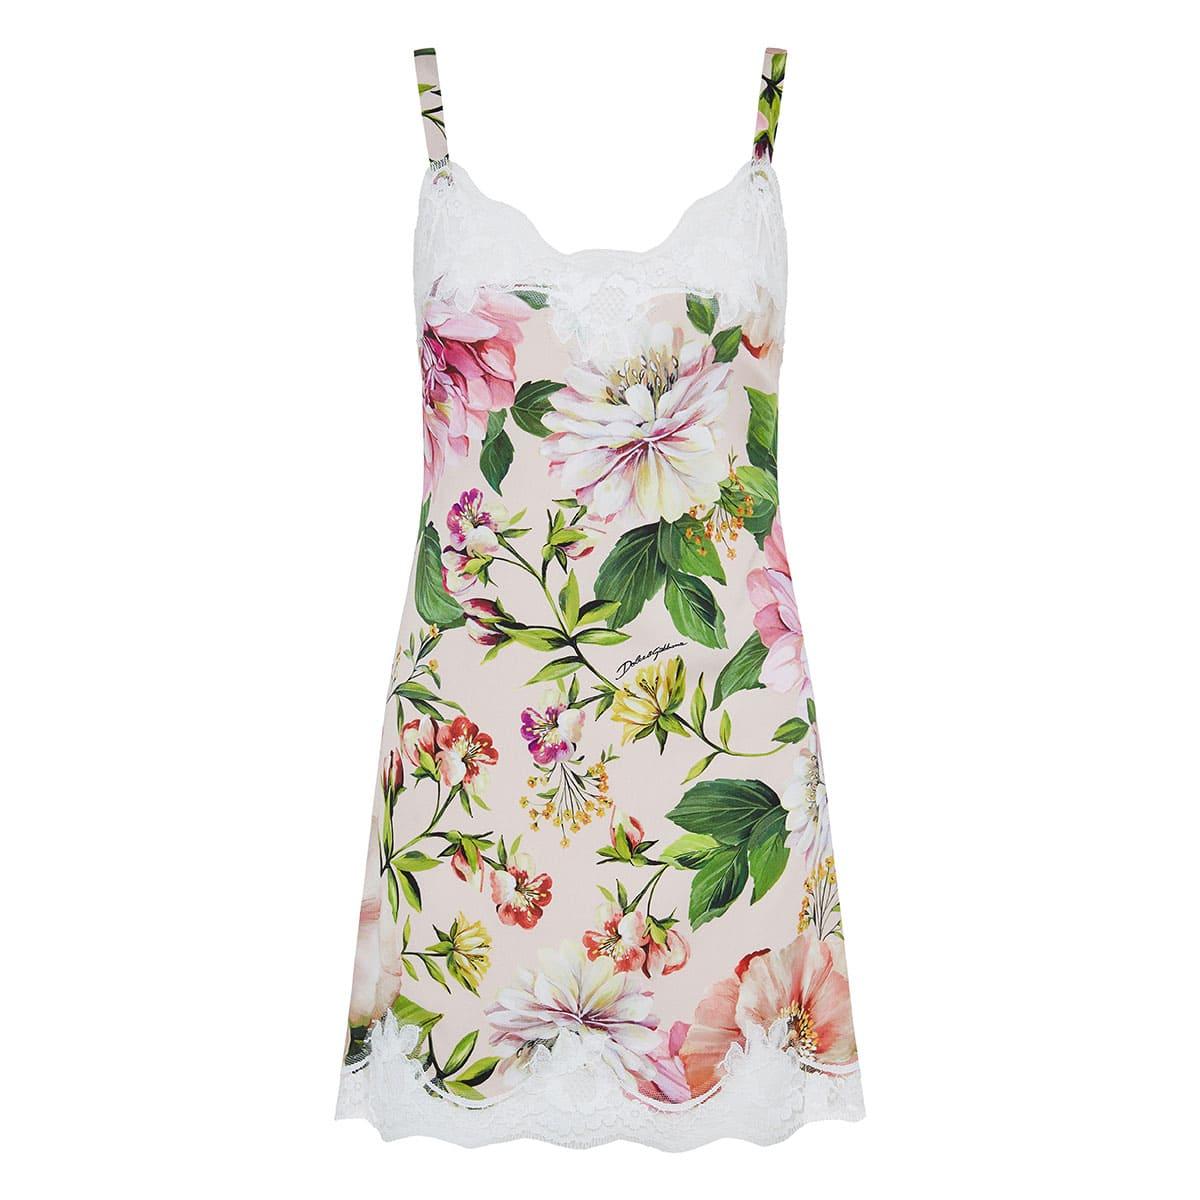 Lace-trimmed floral slip dress